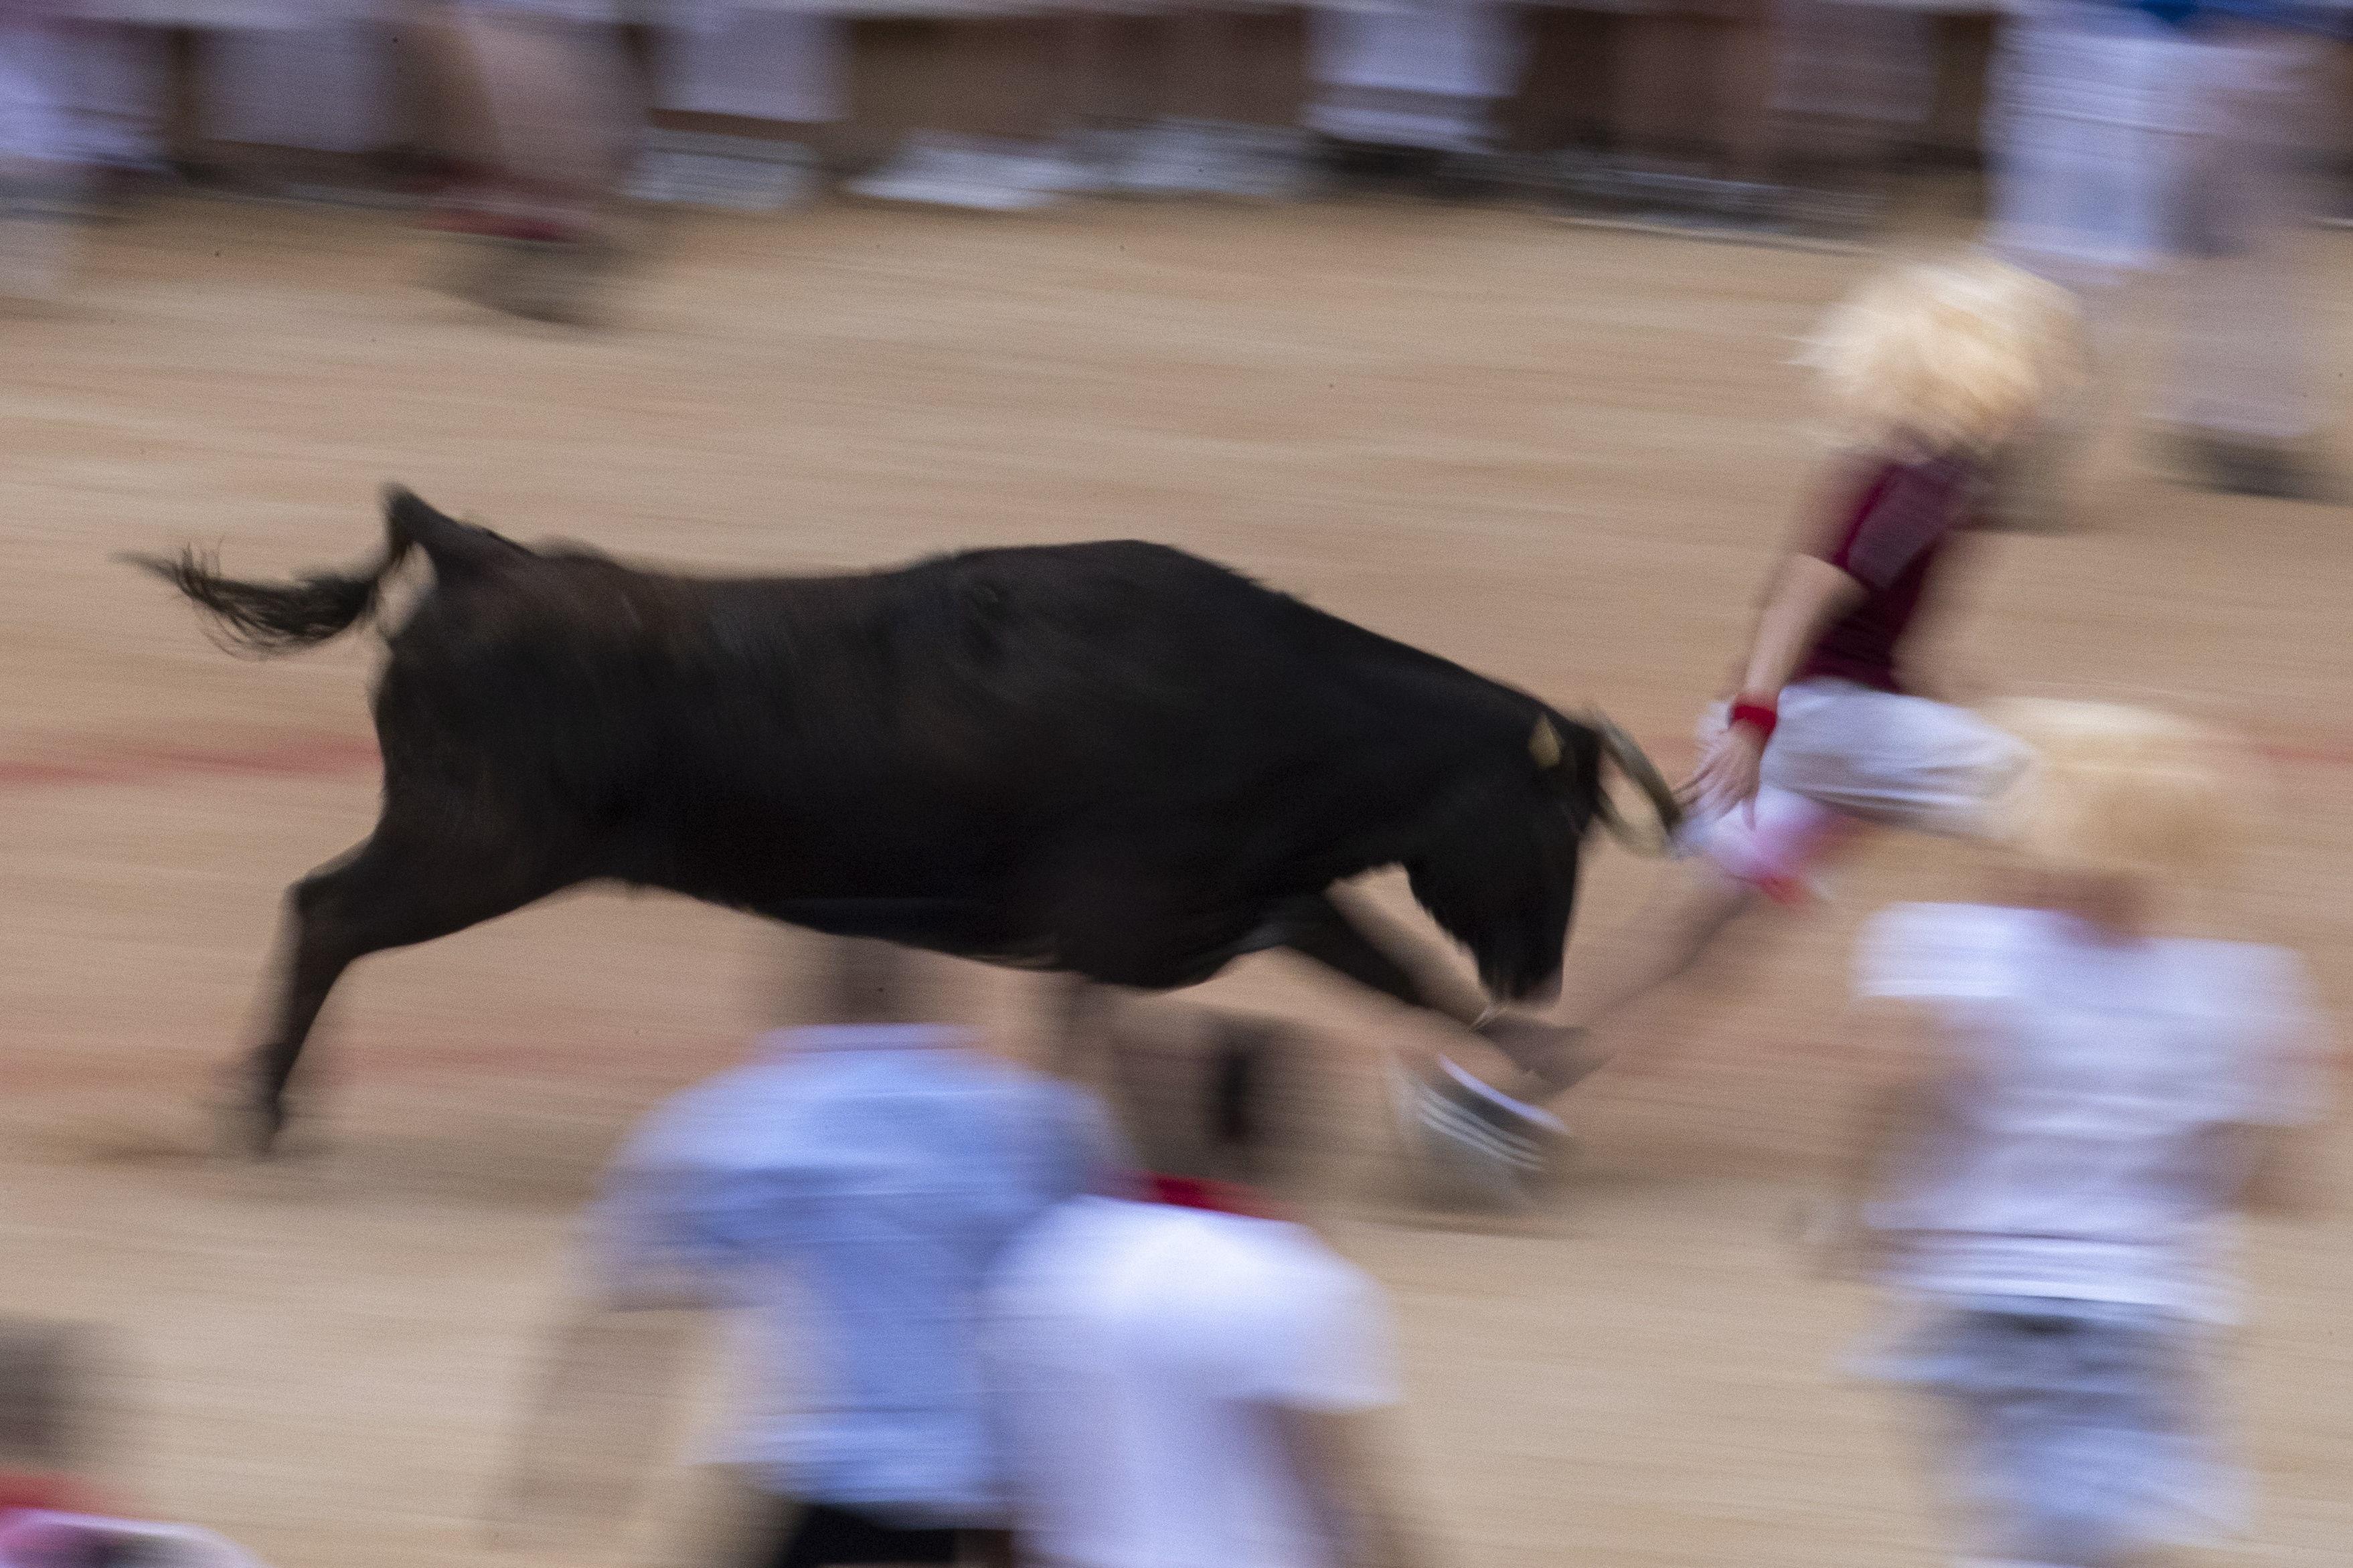 Los sanfermines, una de las fiestas más populares de España, despiertan un gran interés internacional, como lo demuestra, no solo los miles de personas de todo el mundo que llegan a Pamplona, sino también el número de periodistas que lo siguen